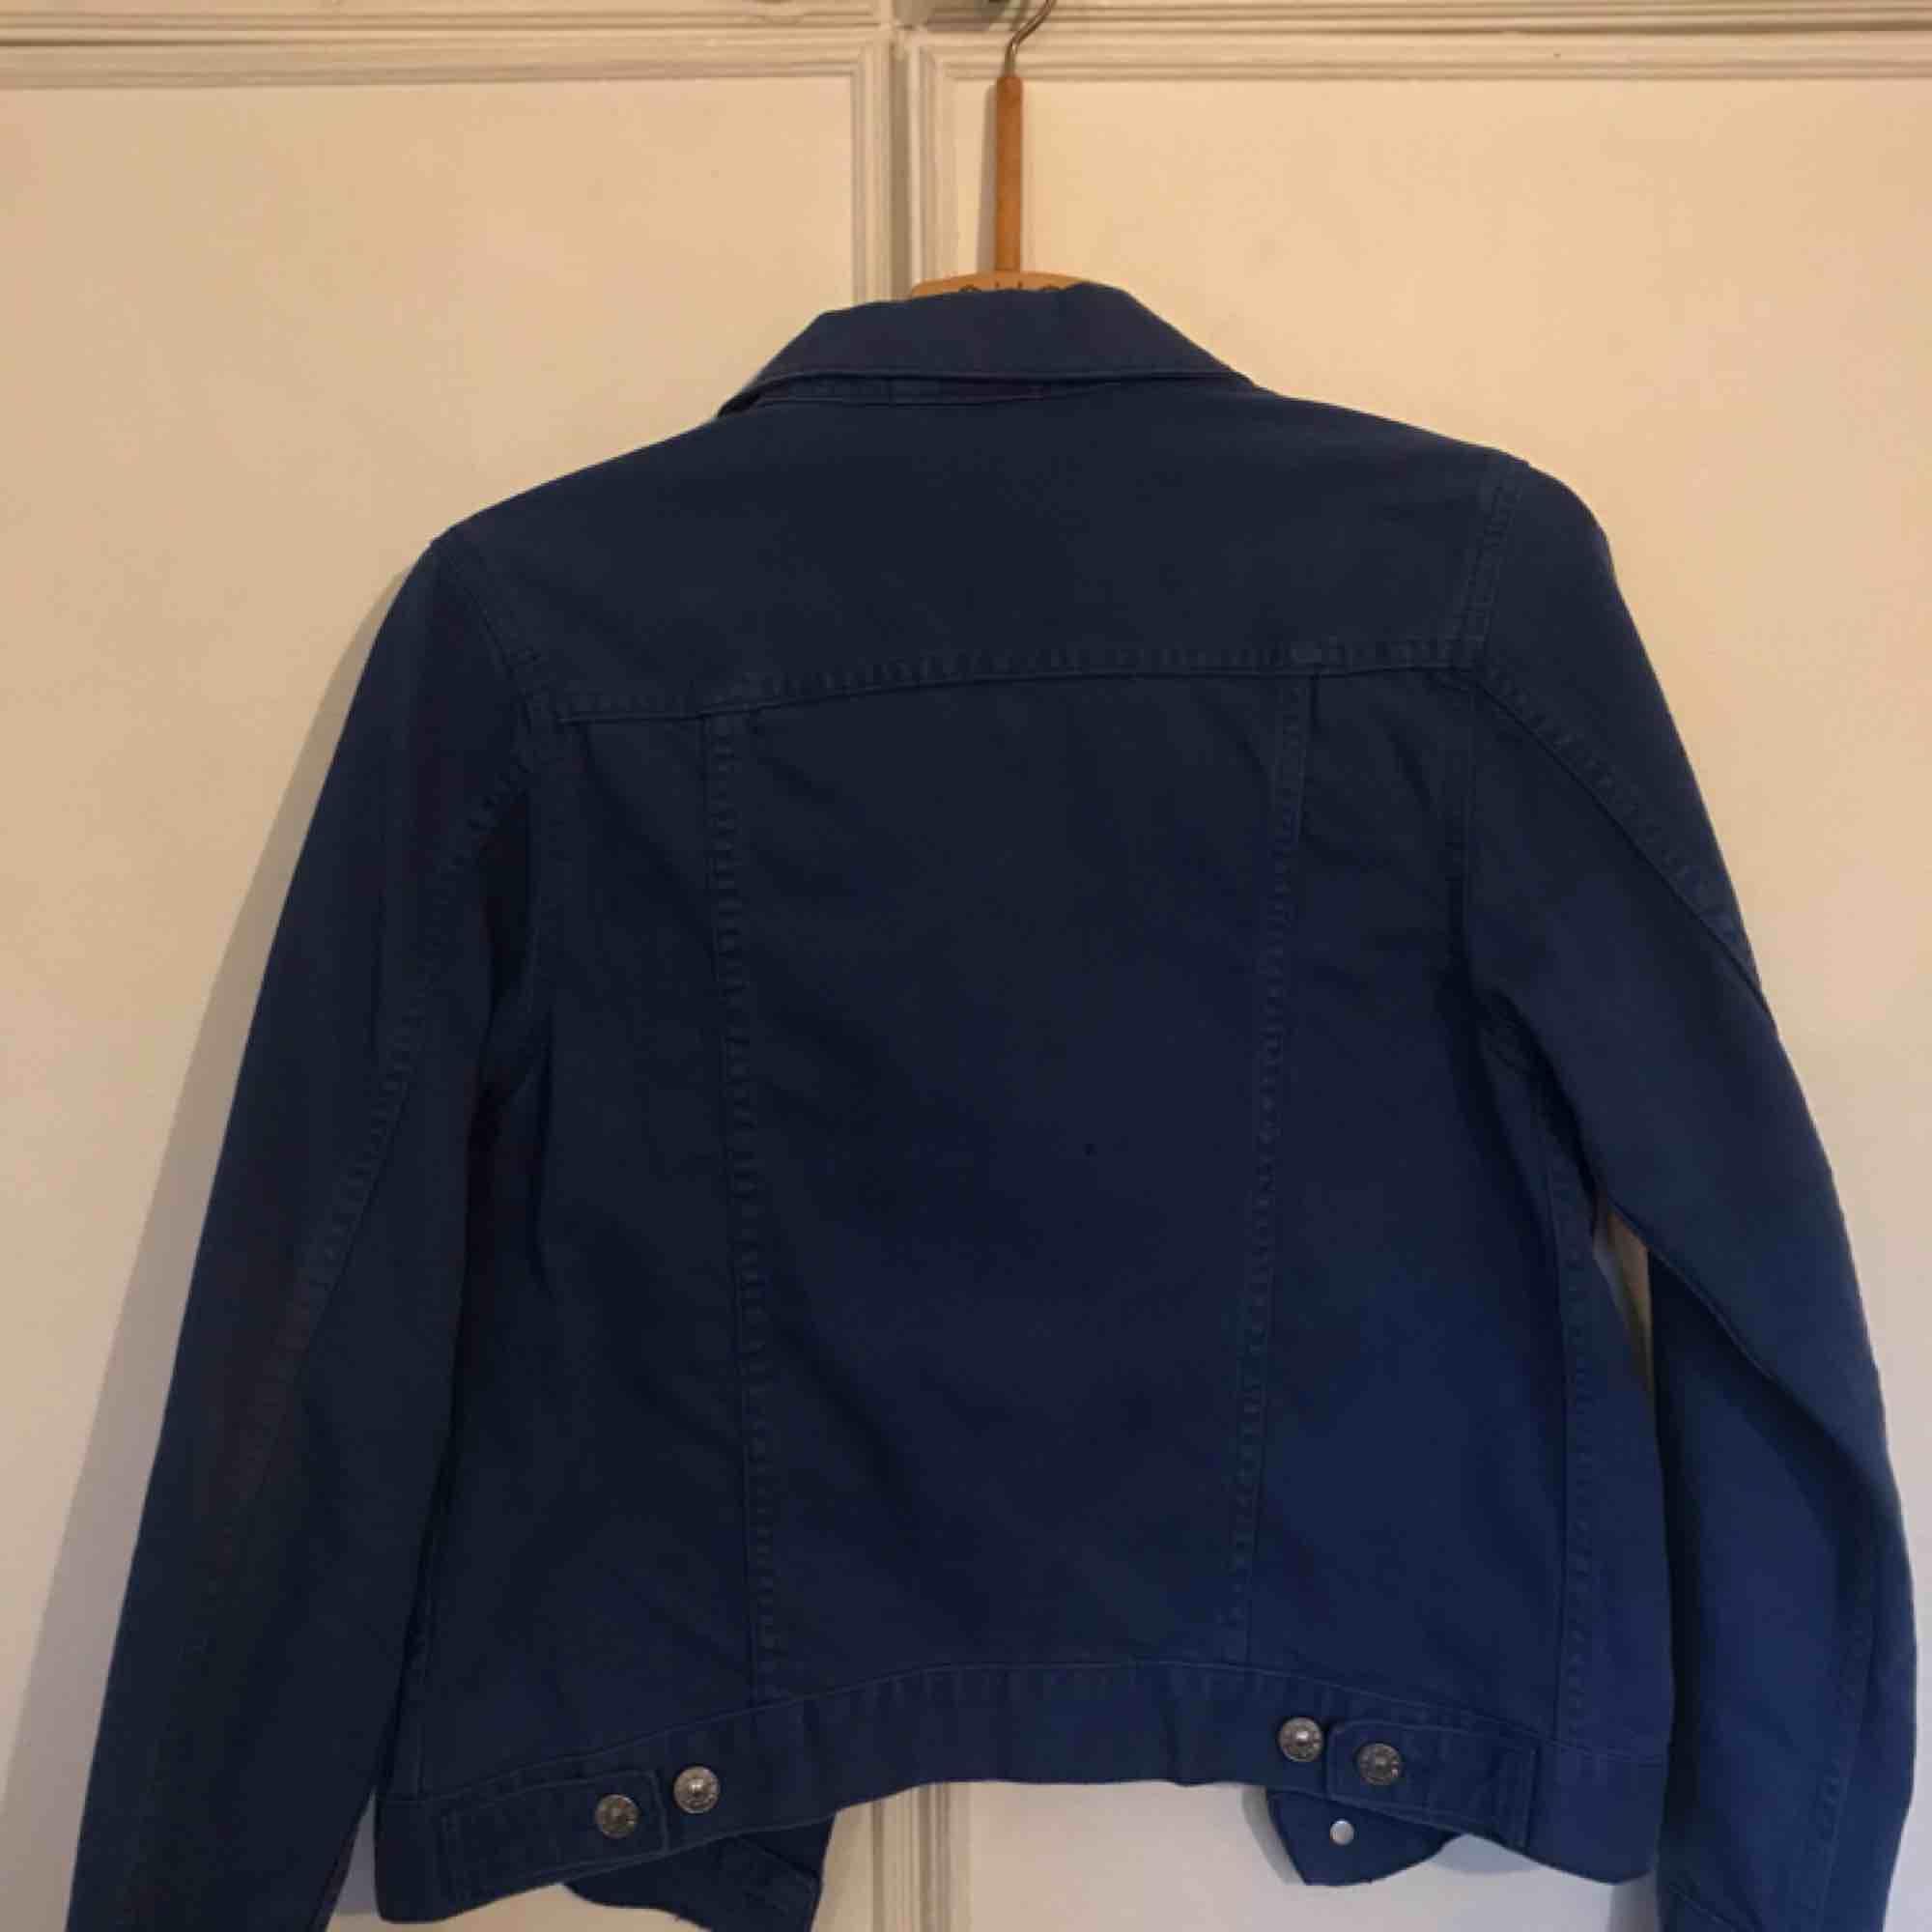 f2cbb8d7 Blå jeansjacka! väldigt fin och klar blå färg som sticker ut från vanlig  jeansfärg!